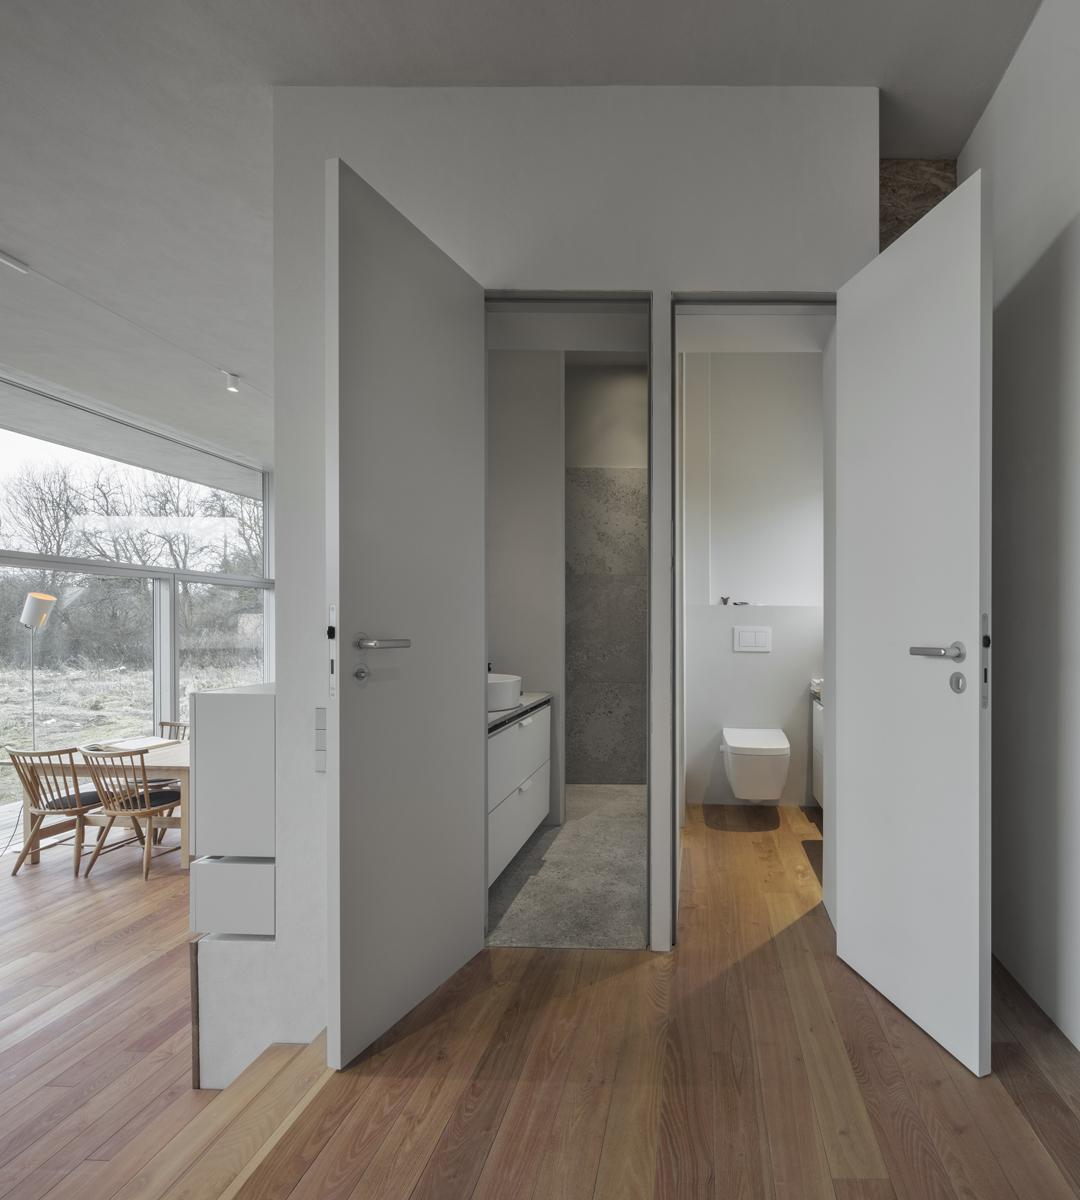 Hier zählt jeder Zentimeter: Zwei platzsparende Sanitärräume mit Tageslicht, das WC an der Außenwand, das flächeneffiziente Duschbad innen, getrennt vom WC durch eine transluzente blickdichte Glaswand